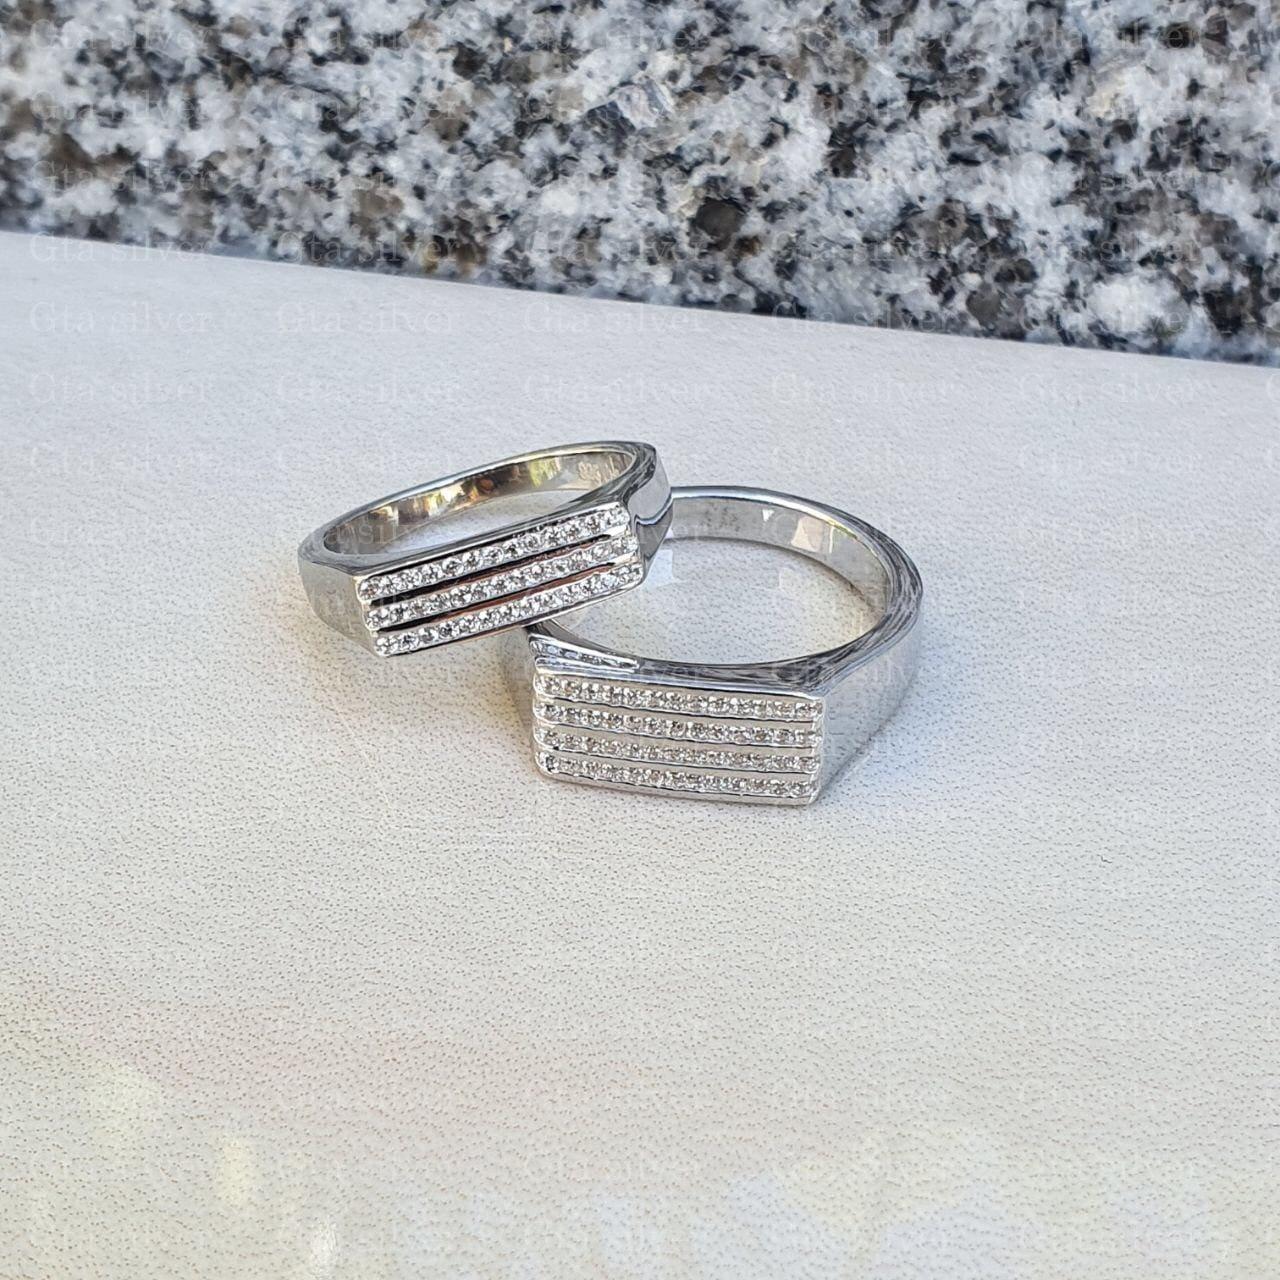 ست حلقه ازدواج وزن 9.5 گرم مدل 9